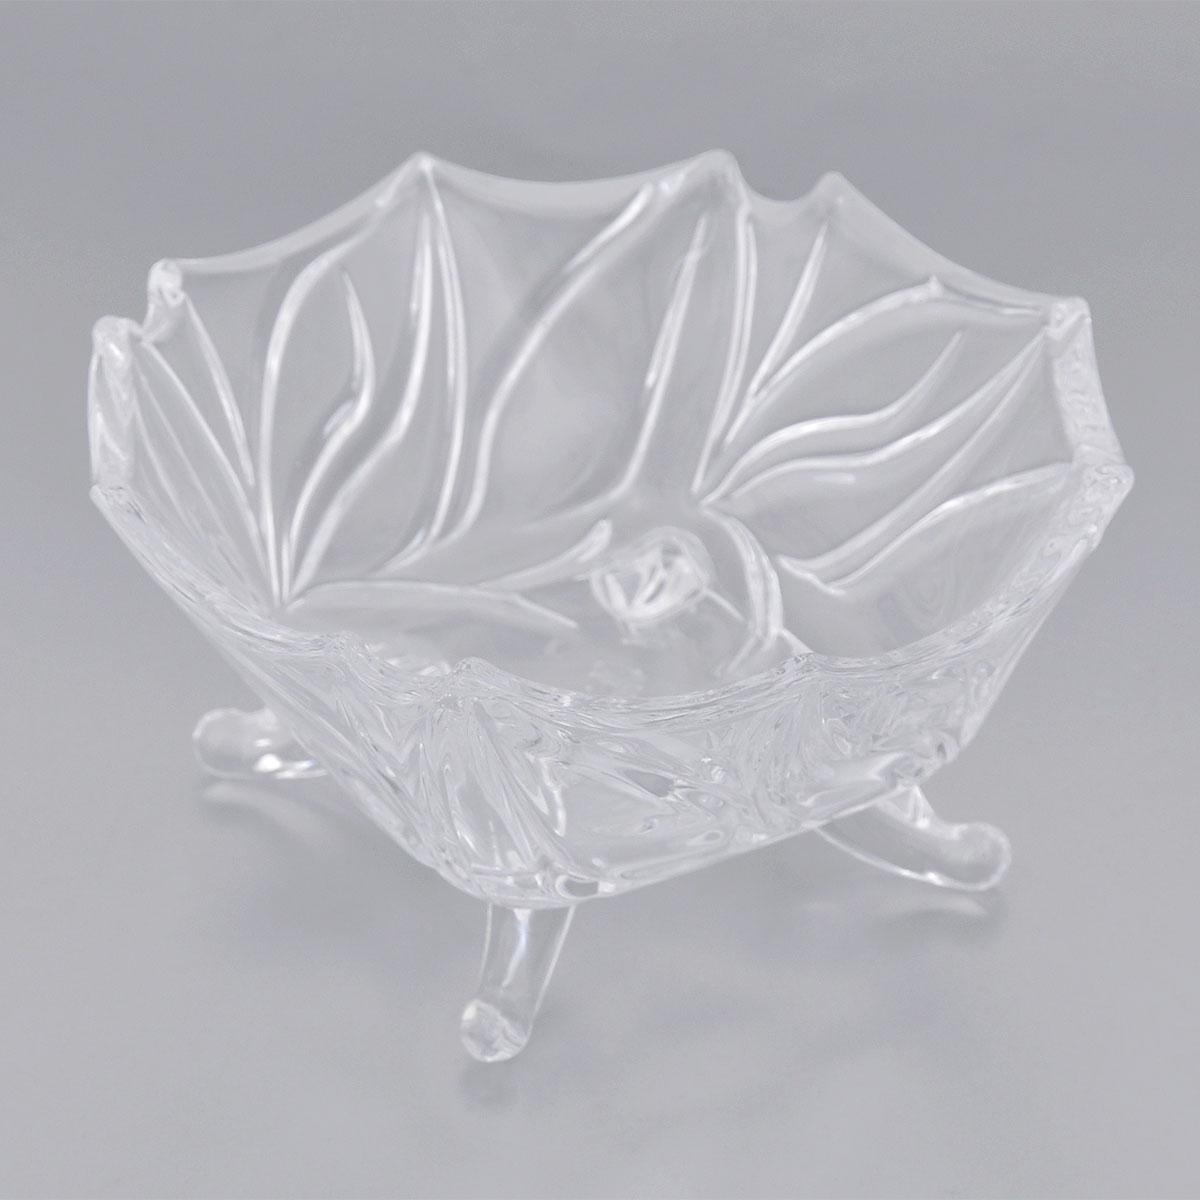 Конфетница Elan Gallery Цветочный узор, диаметр 13 см890098Оригинальная конфетница Elan Gallery Цветочный узор, изготовленная из прочного стекла, имеет многогранную рельефную поверхность в виде объемных цветочных узоров. Конфетница оснащена изящными ножками. Изделие предназначено для подачи сладостей (конфет, сахара, меда, изюма, орехов и многого другого). Она придает легкость, воздушность сервировке стола и создаст особую атмосферу праздника. Конфетница Elan Gallery Цветочный узор не только украсит ваш кухонный стол и подчеркнет прекрасный вкус хозяина, но и станет отличным подарком для ваших близких и друзей. Диаметр конфетницы (по верхнему краю): 13 см. Высота конфетницы: 6 см.